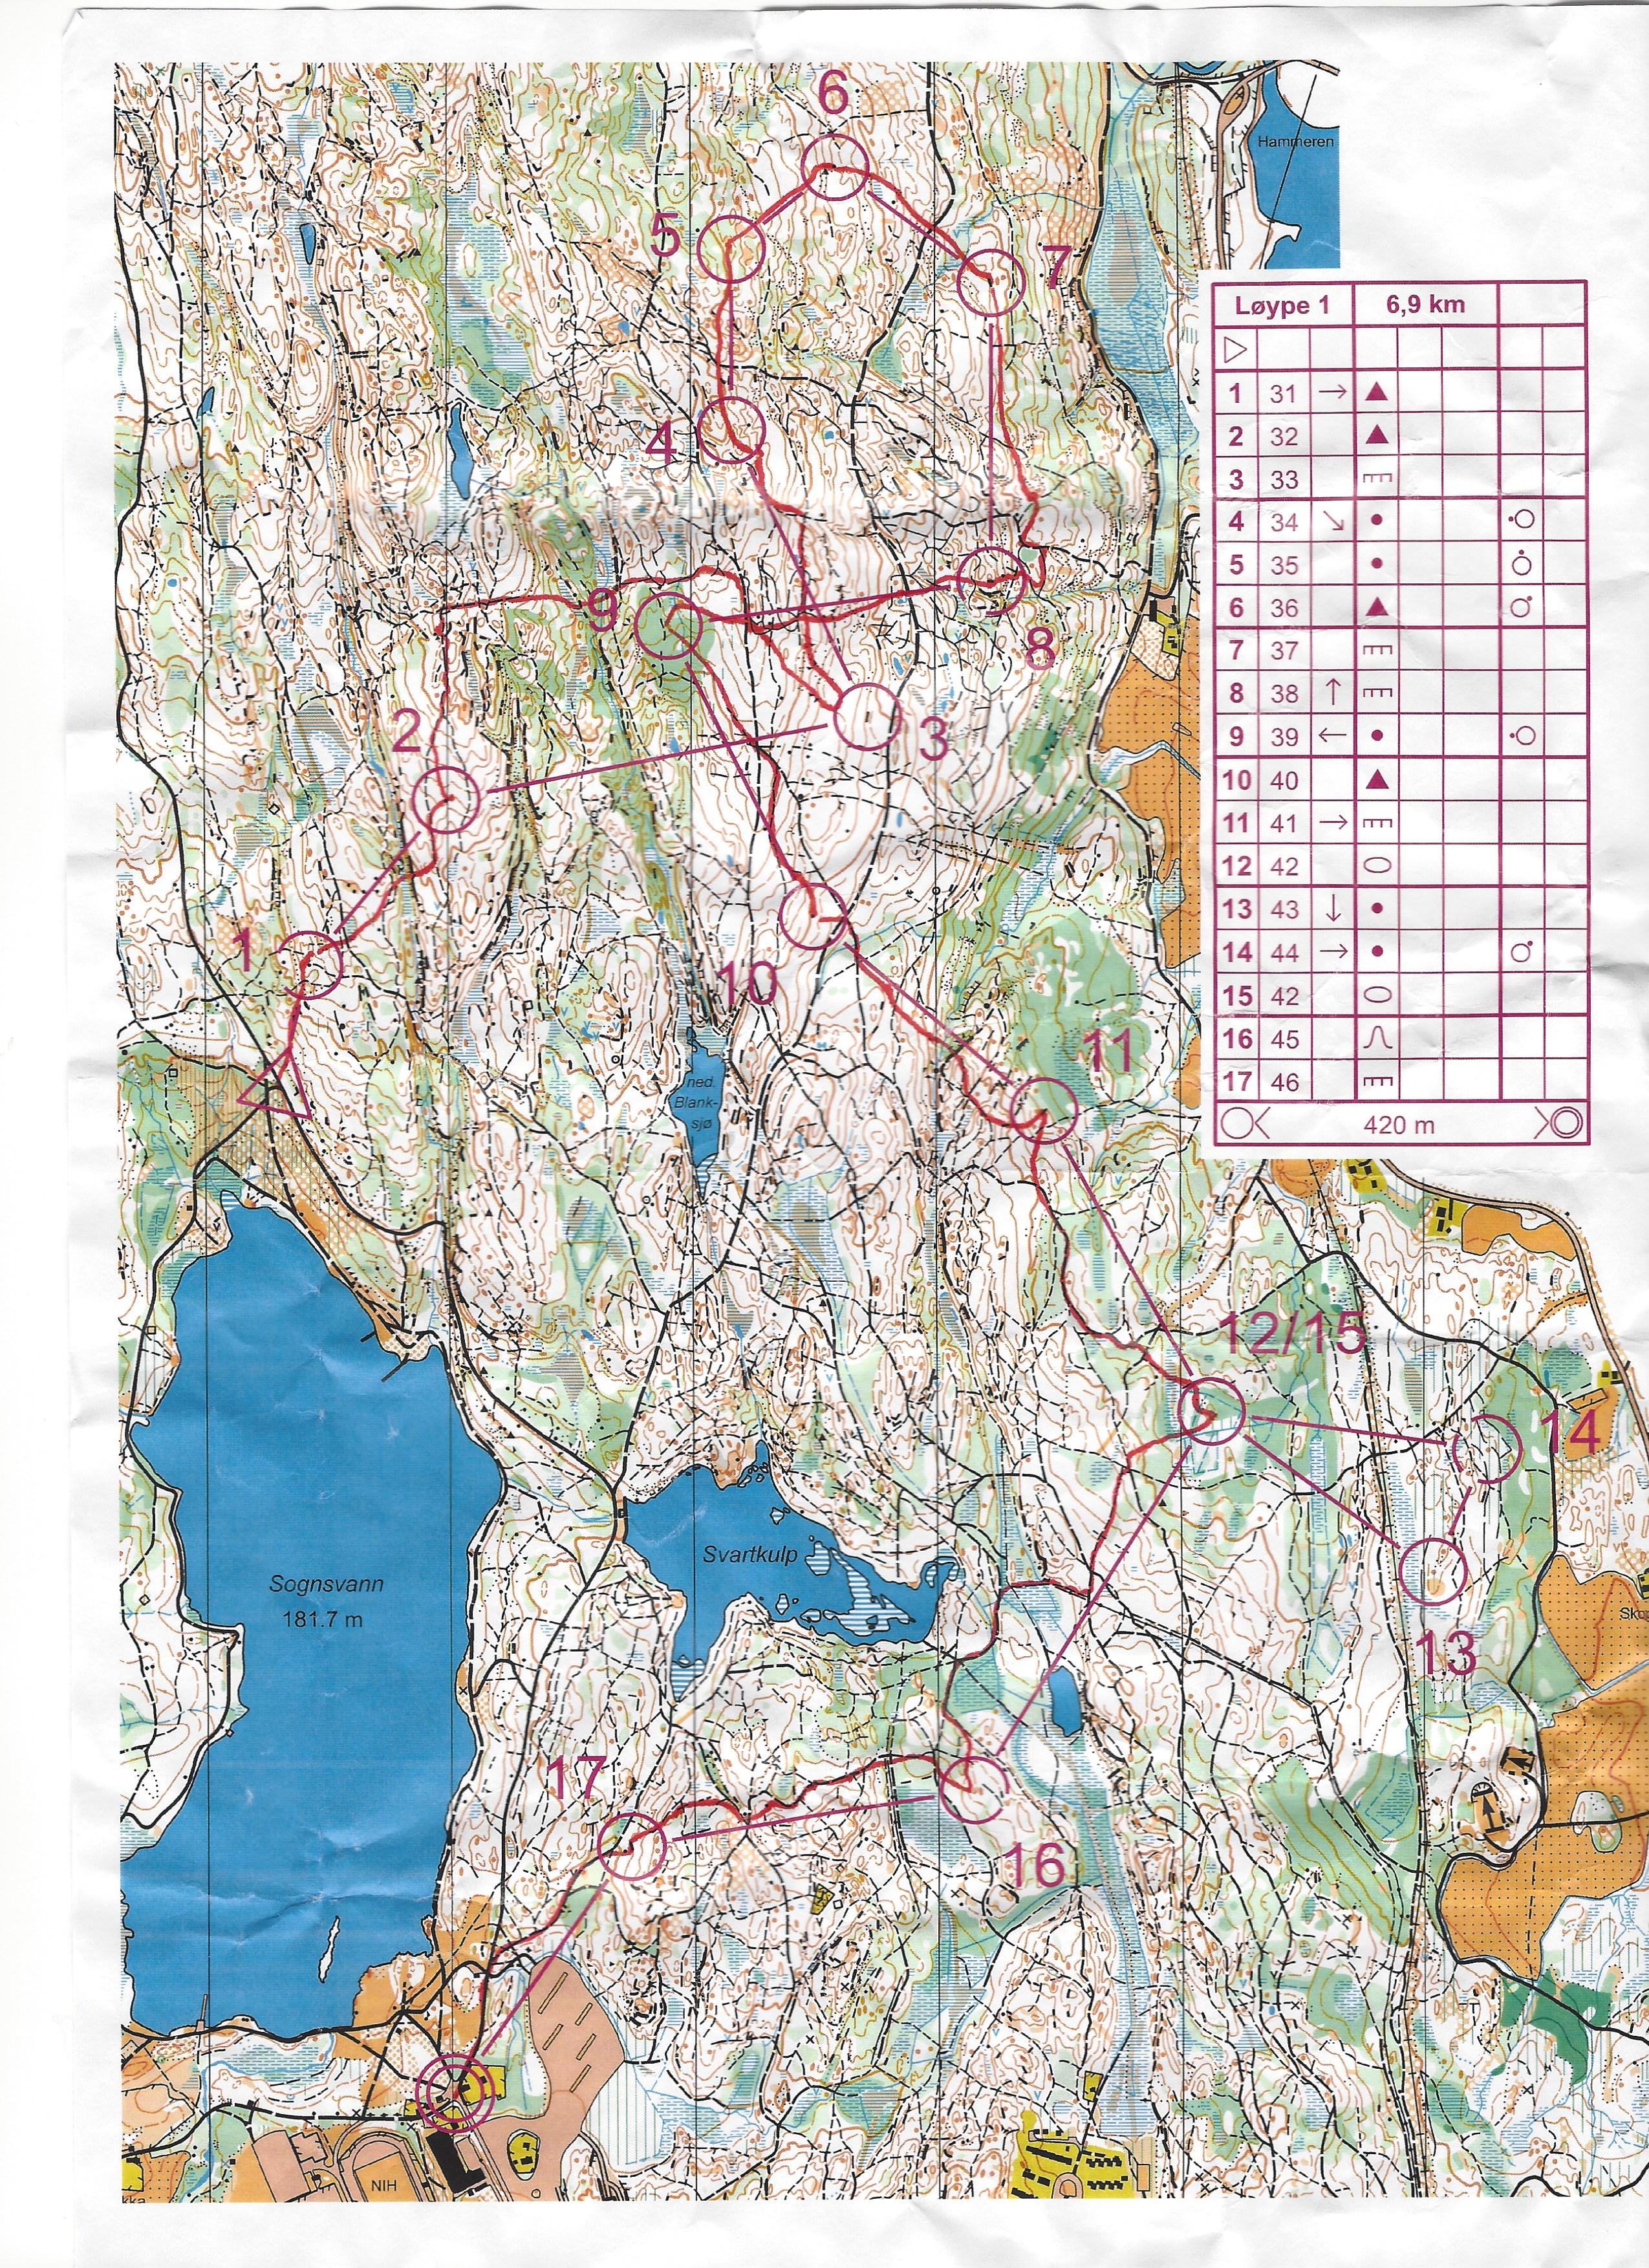 kart sognsvann Kart Sognsvann | Kart